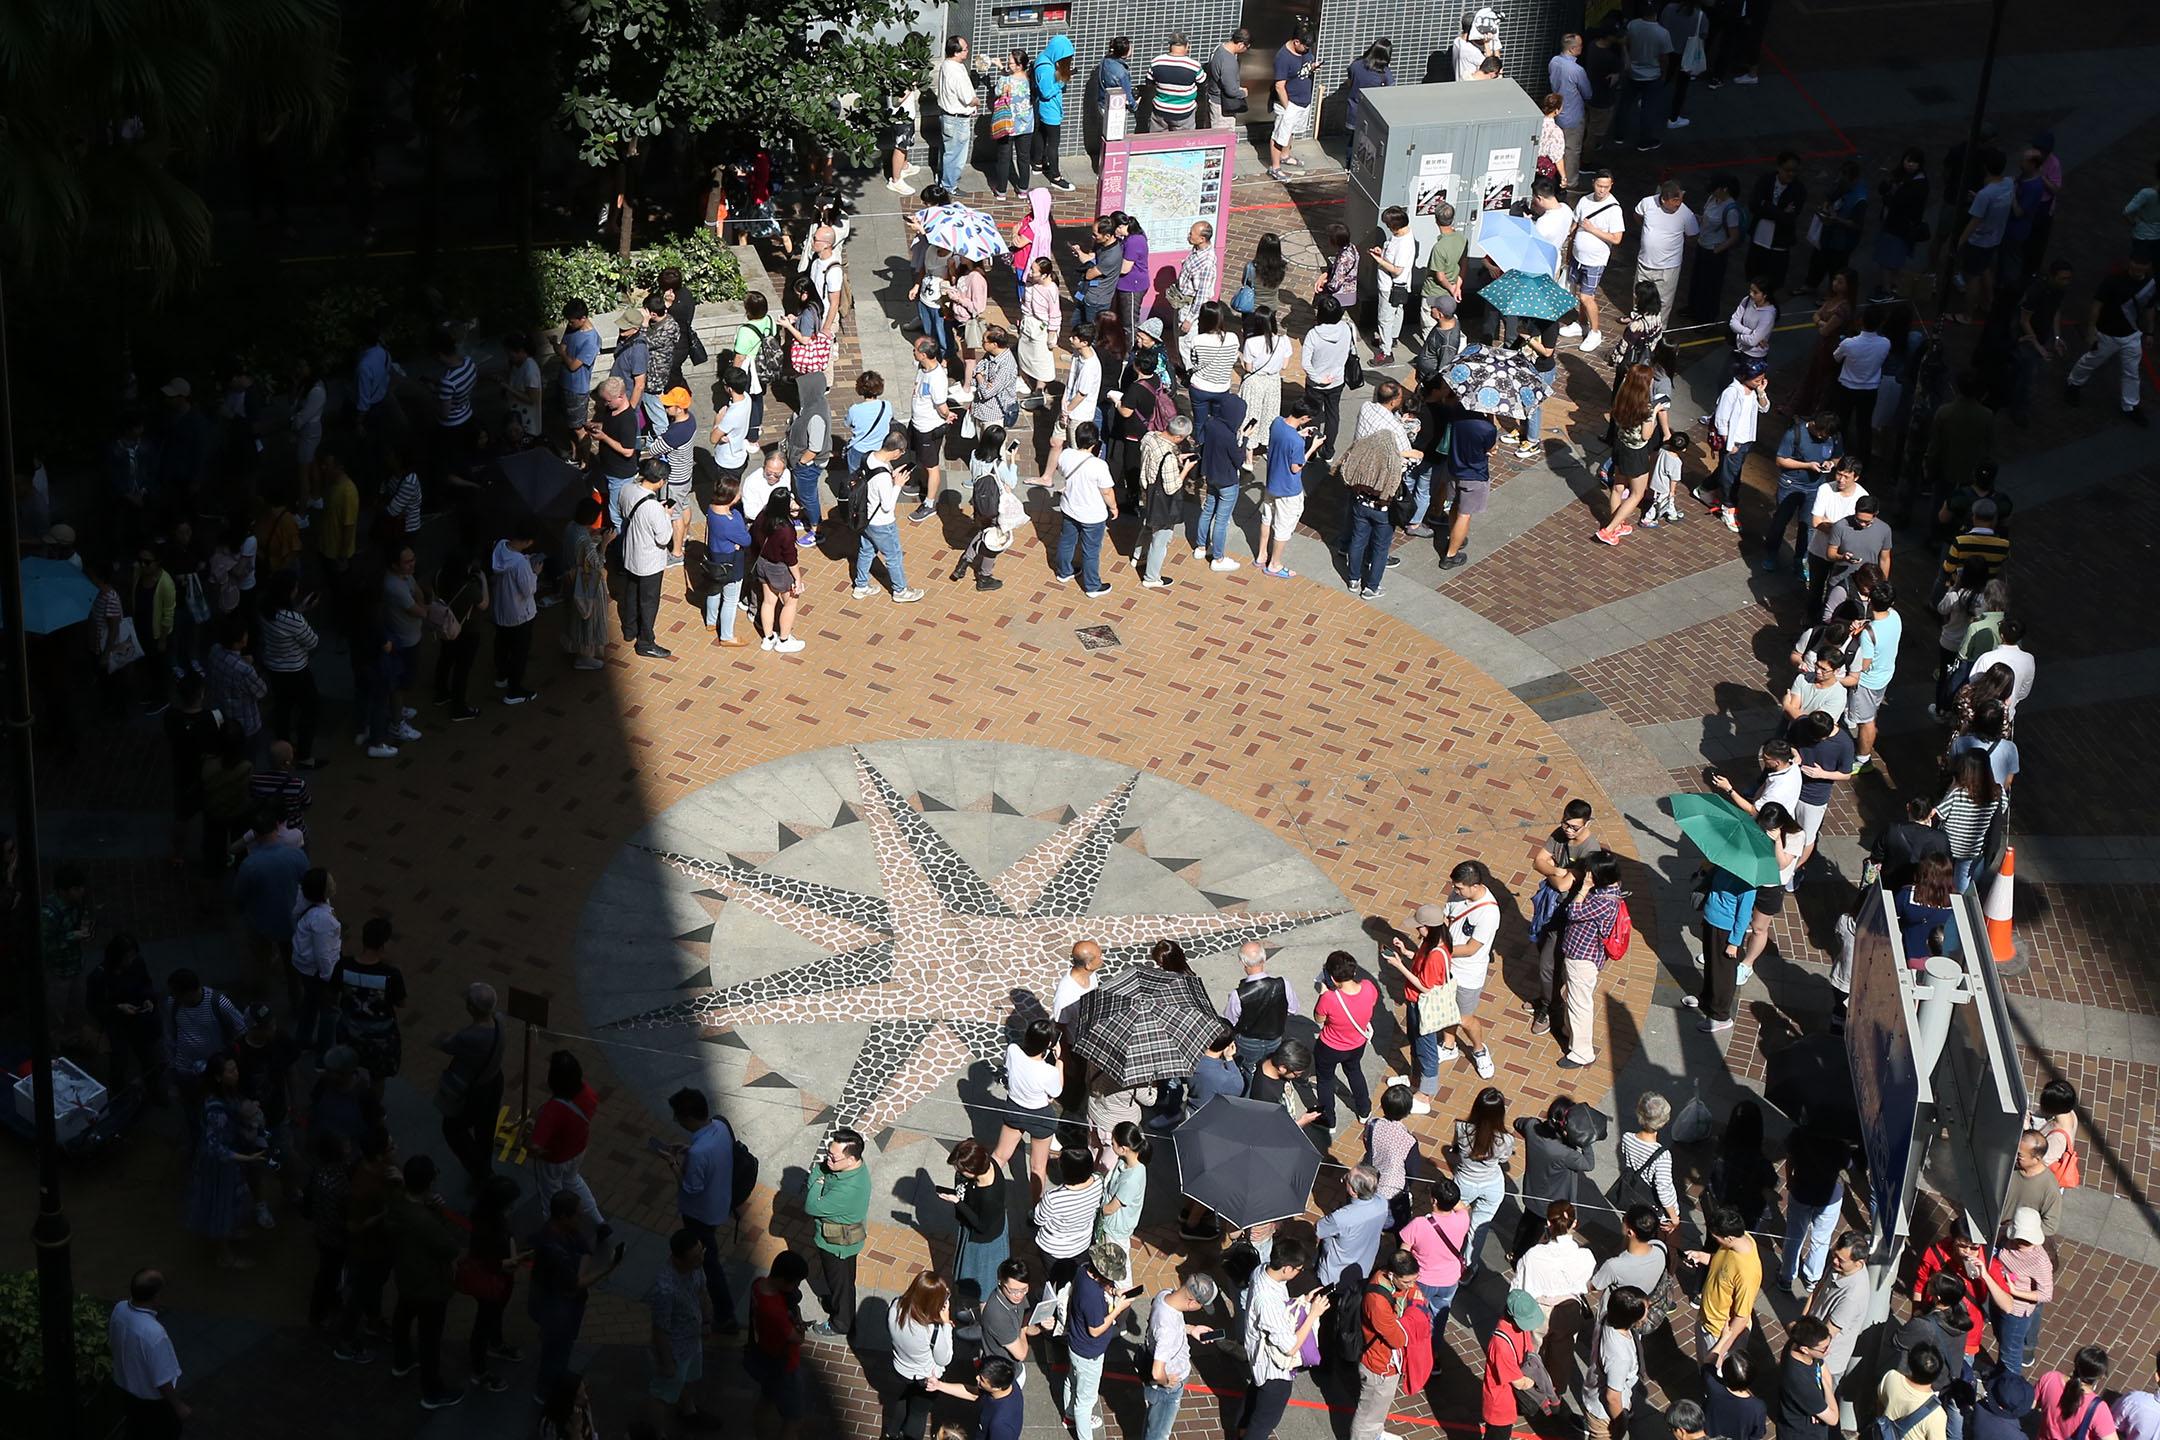 2019年11月24日區議會投票日,中午12點左右,上環,市民排隊投票。